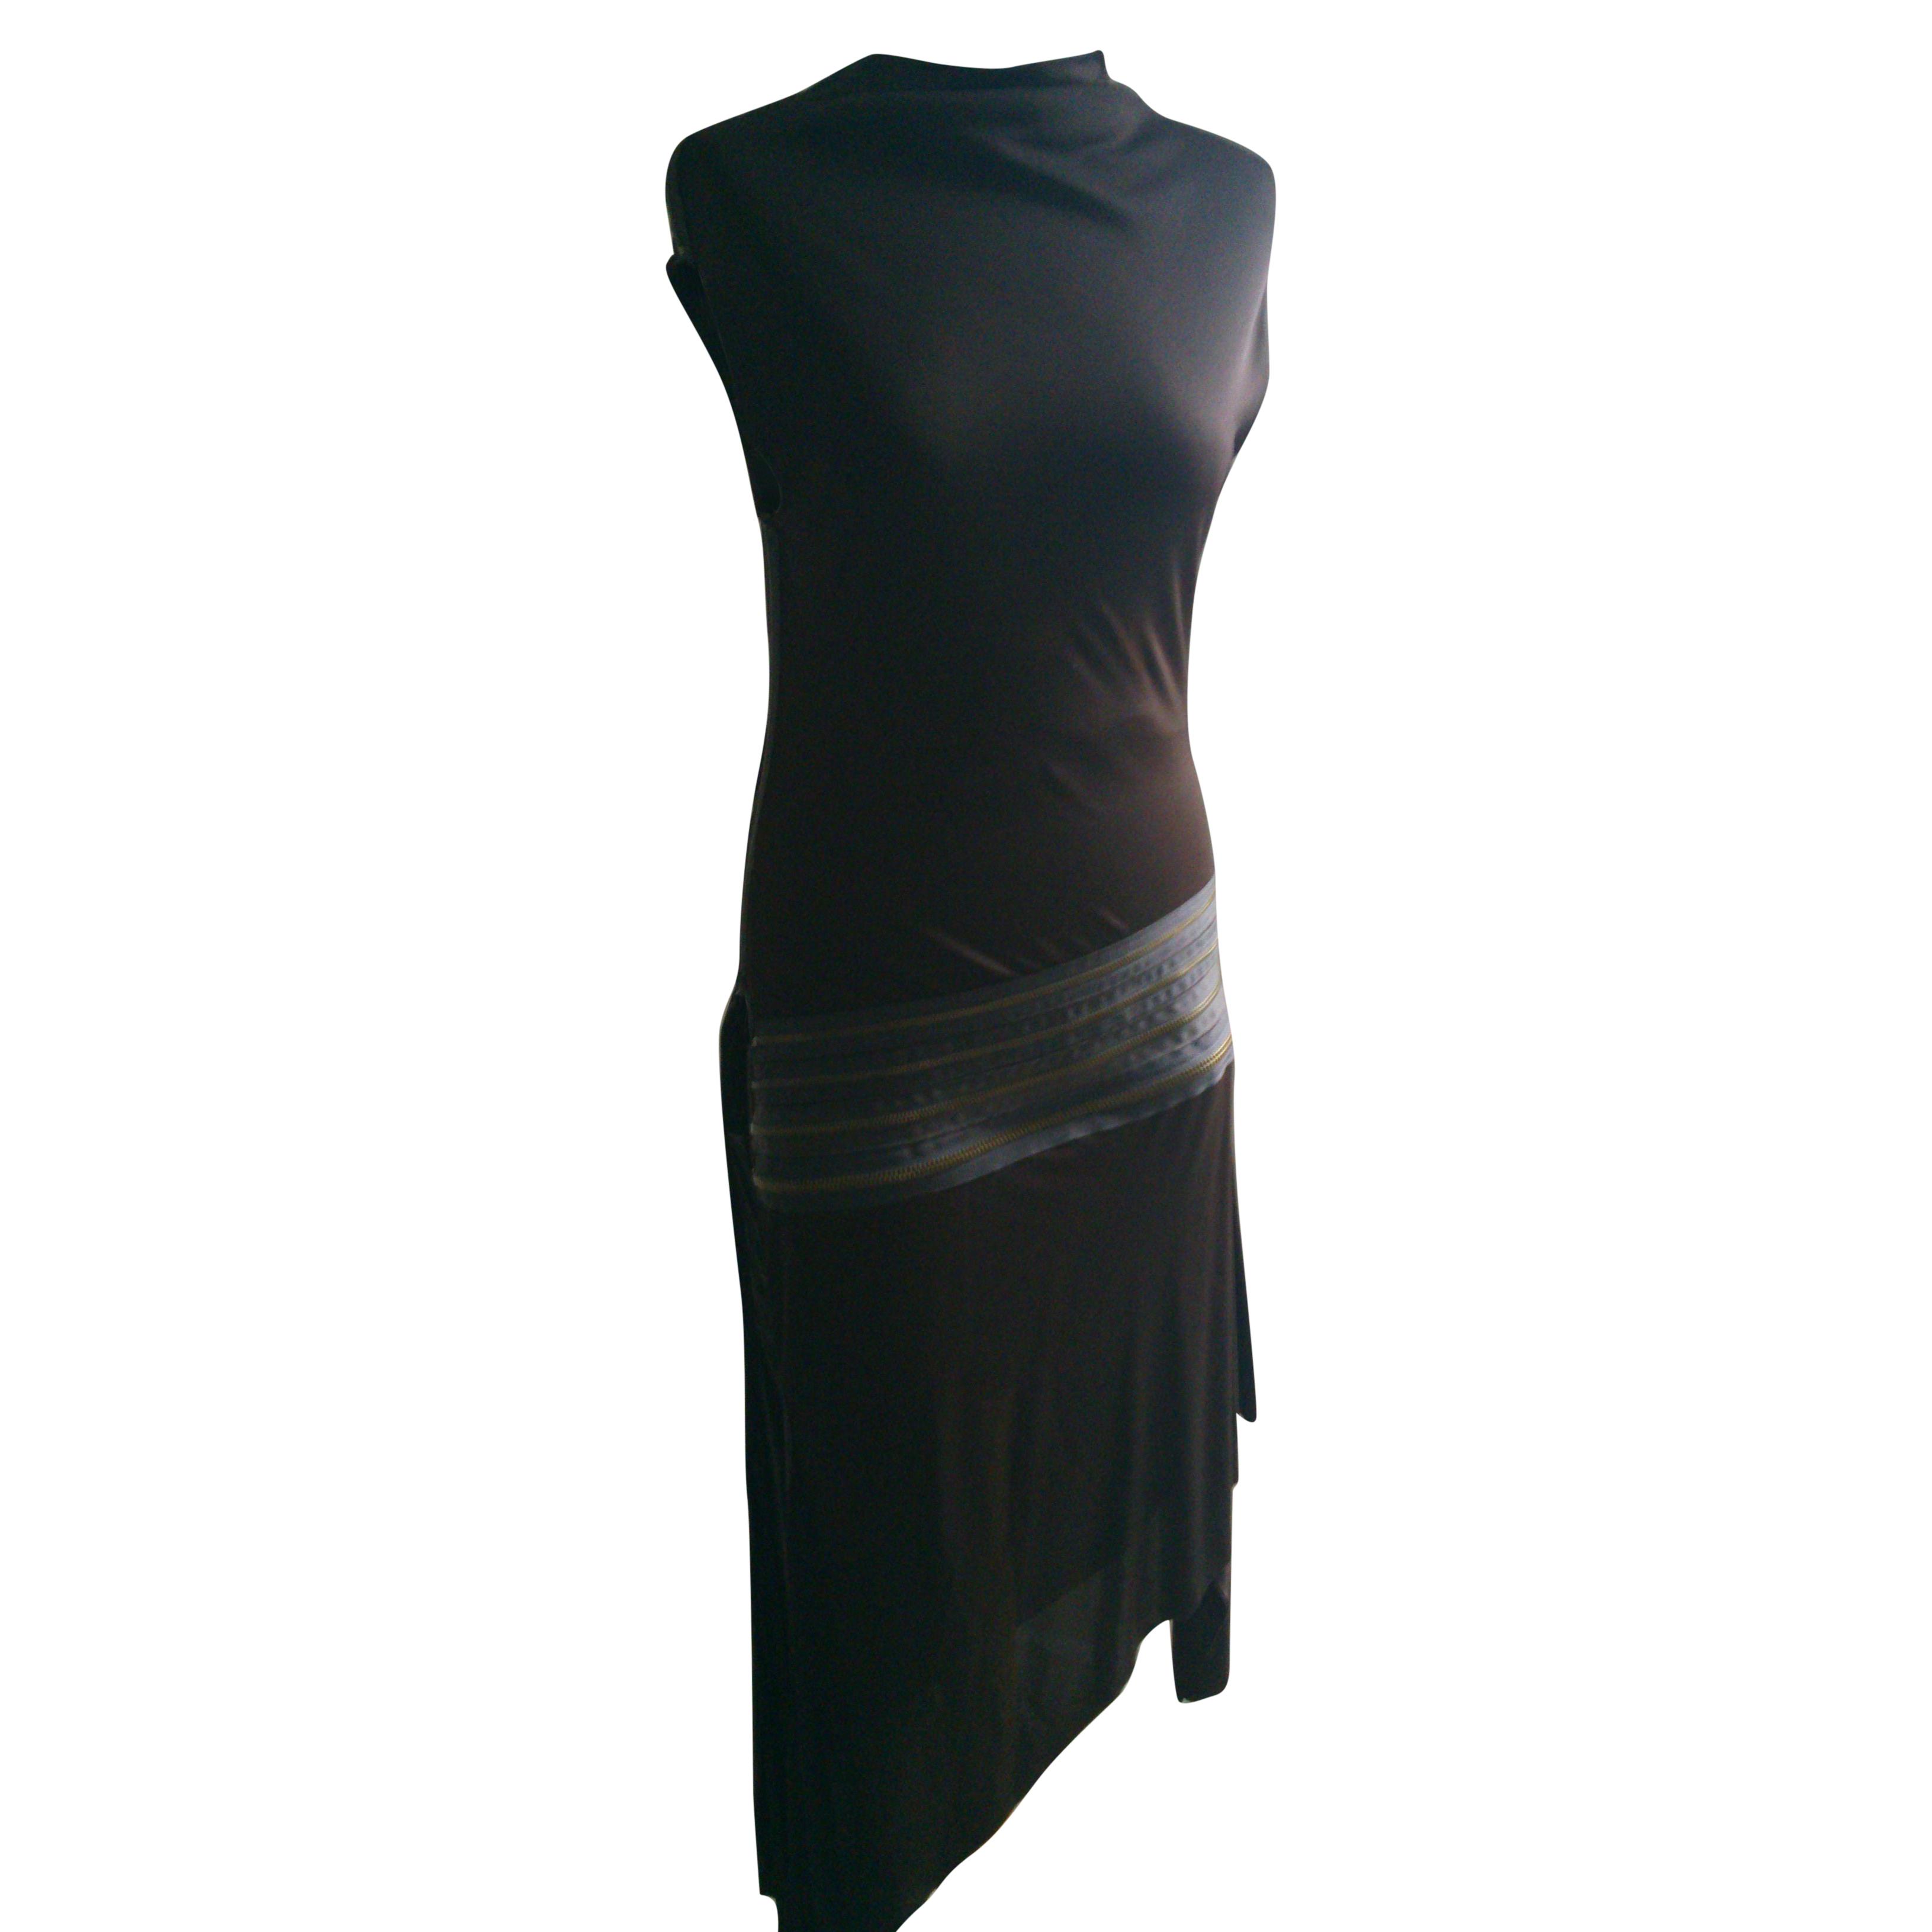 Jean Paul Gaultier Brown Jersey Dress